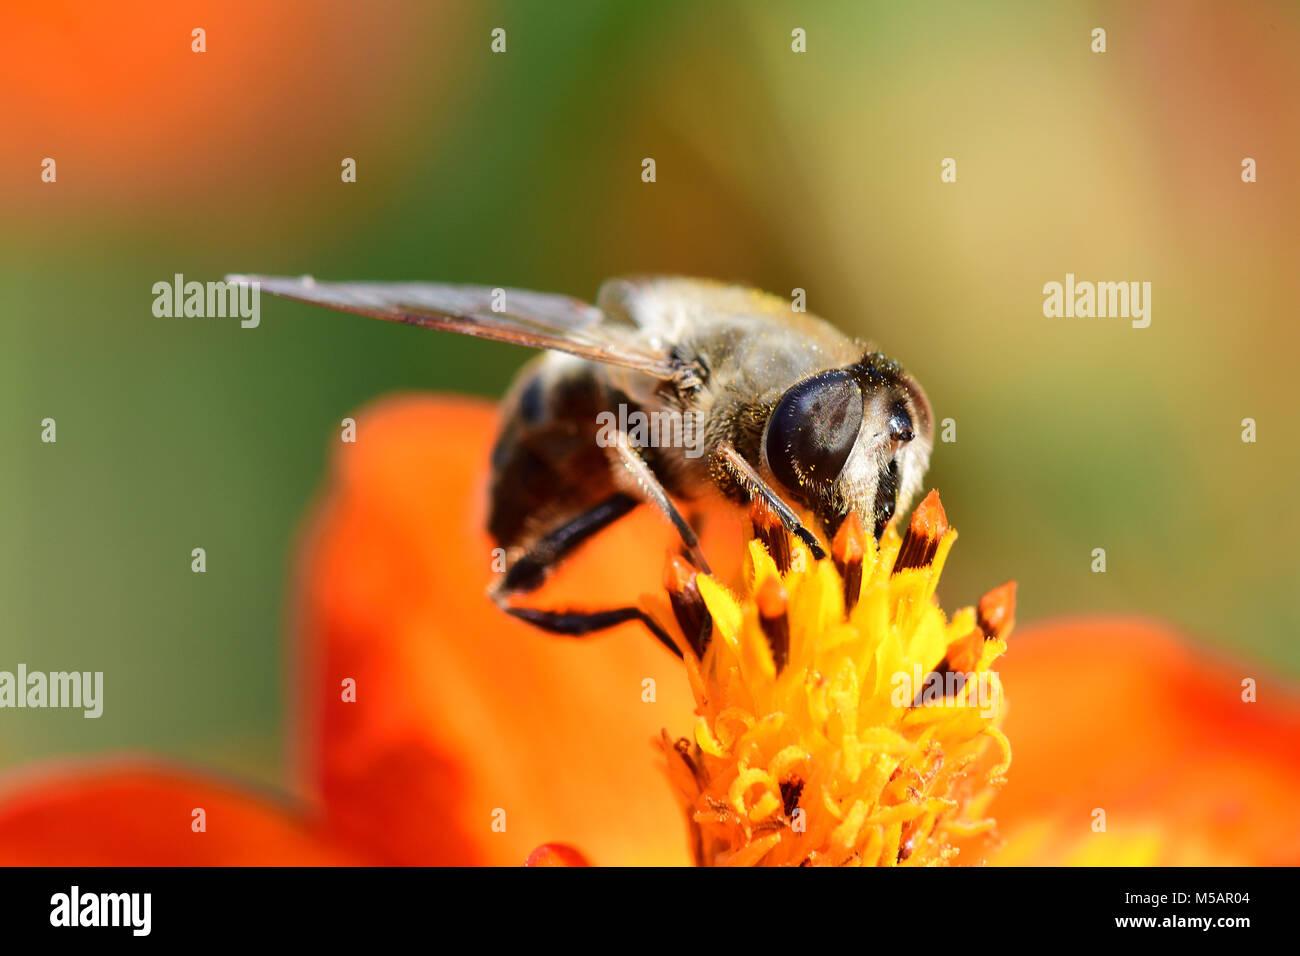 Foto de una abeja polinizando una flor coreopsis naranja Imagen De Stock